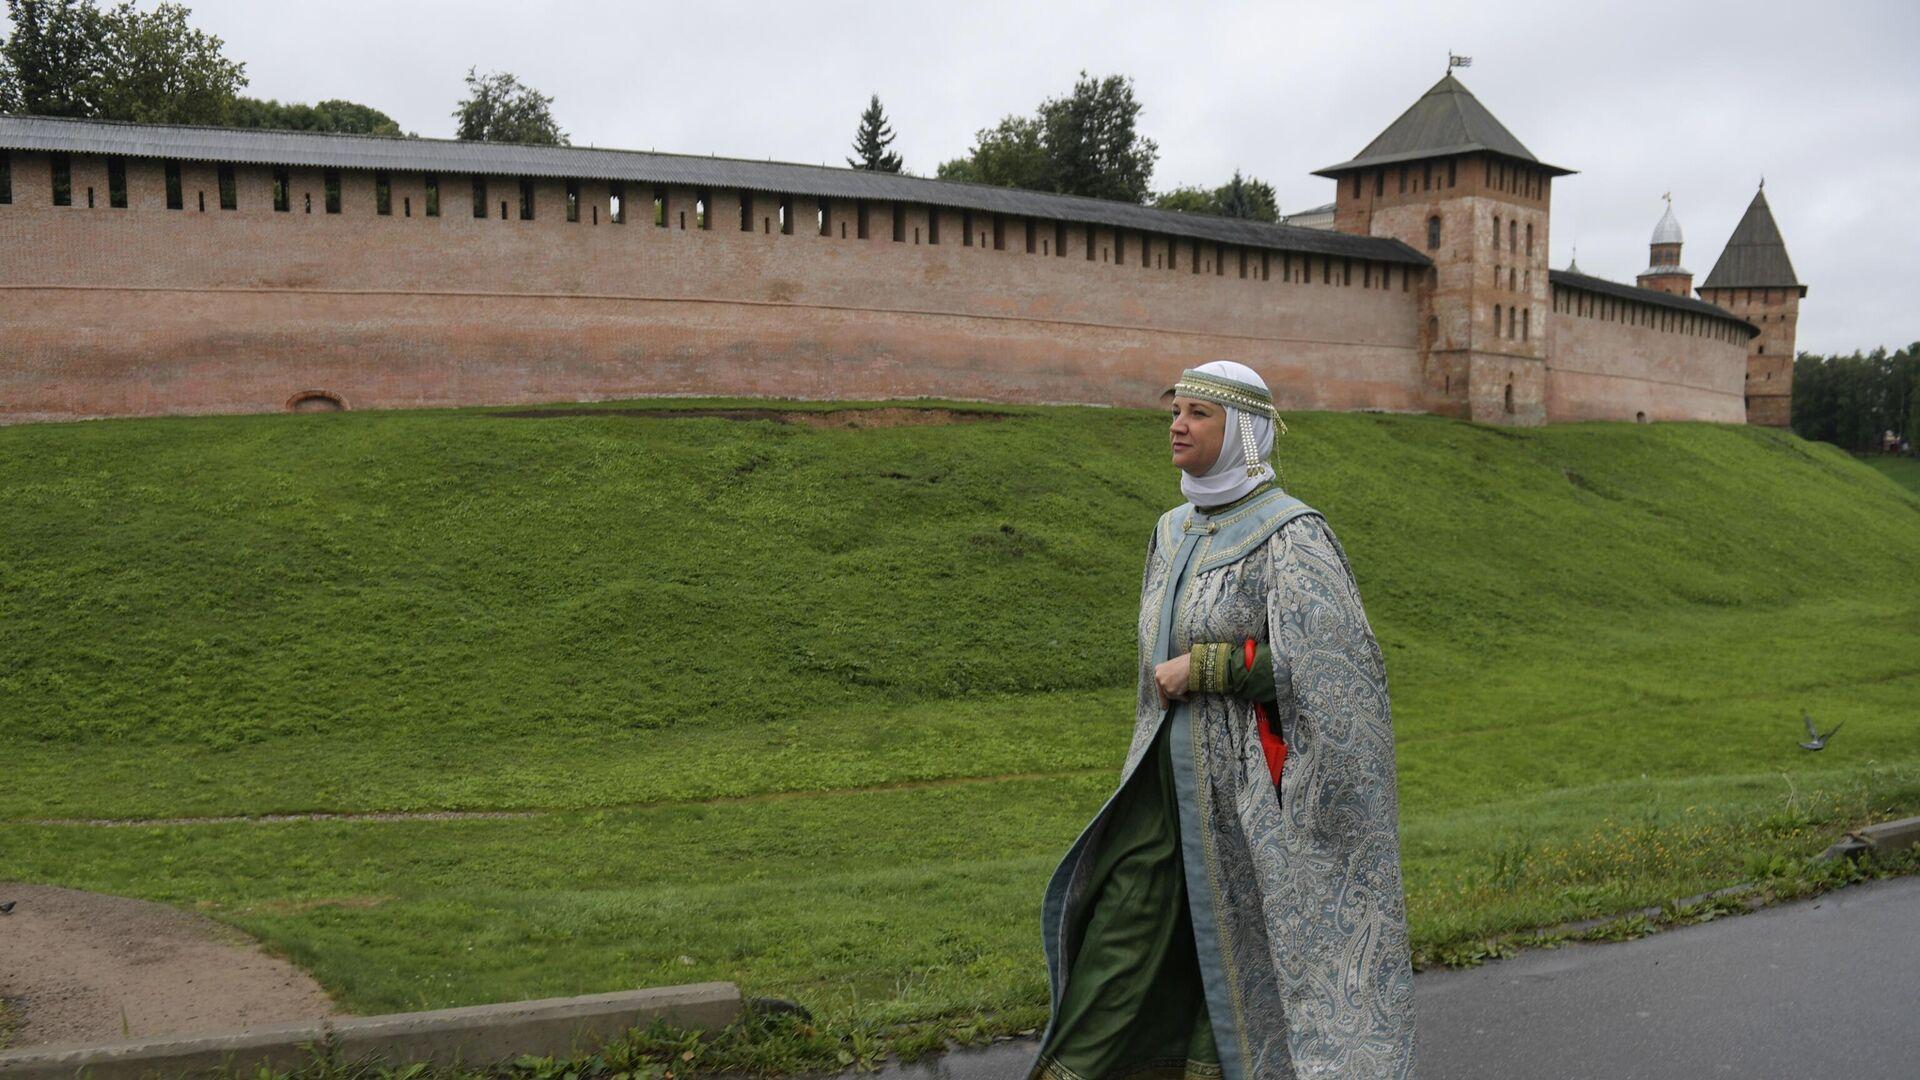 Экскурсовод в традиционной русской одежде на фоне Кремля в Великом Новгороде - РИА Новости, 1920, 28.05.2021